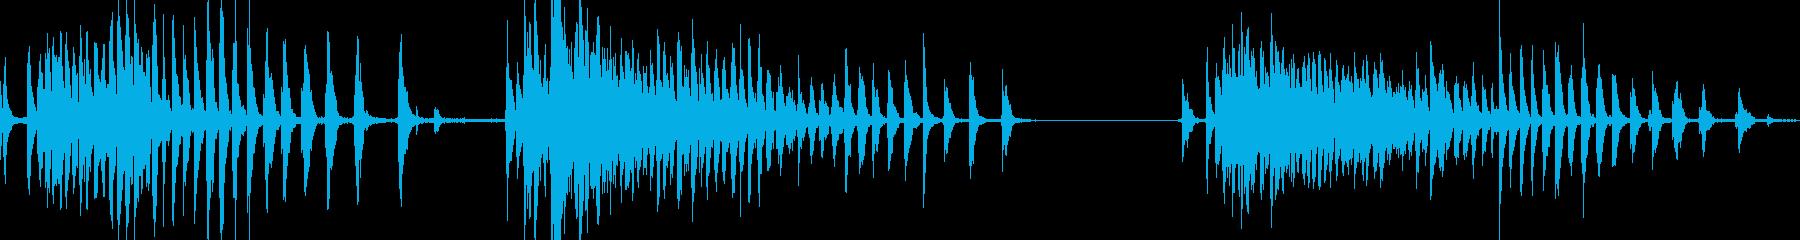 ローラーとクランクチェーン付きプー...の再生済みの波形